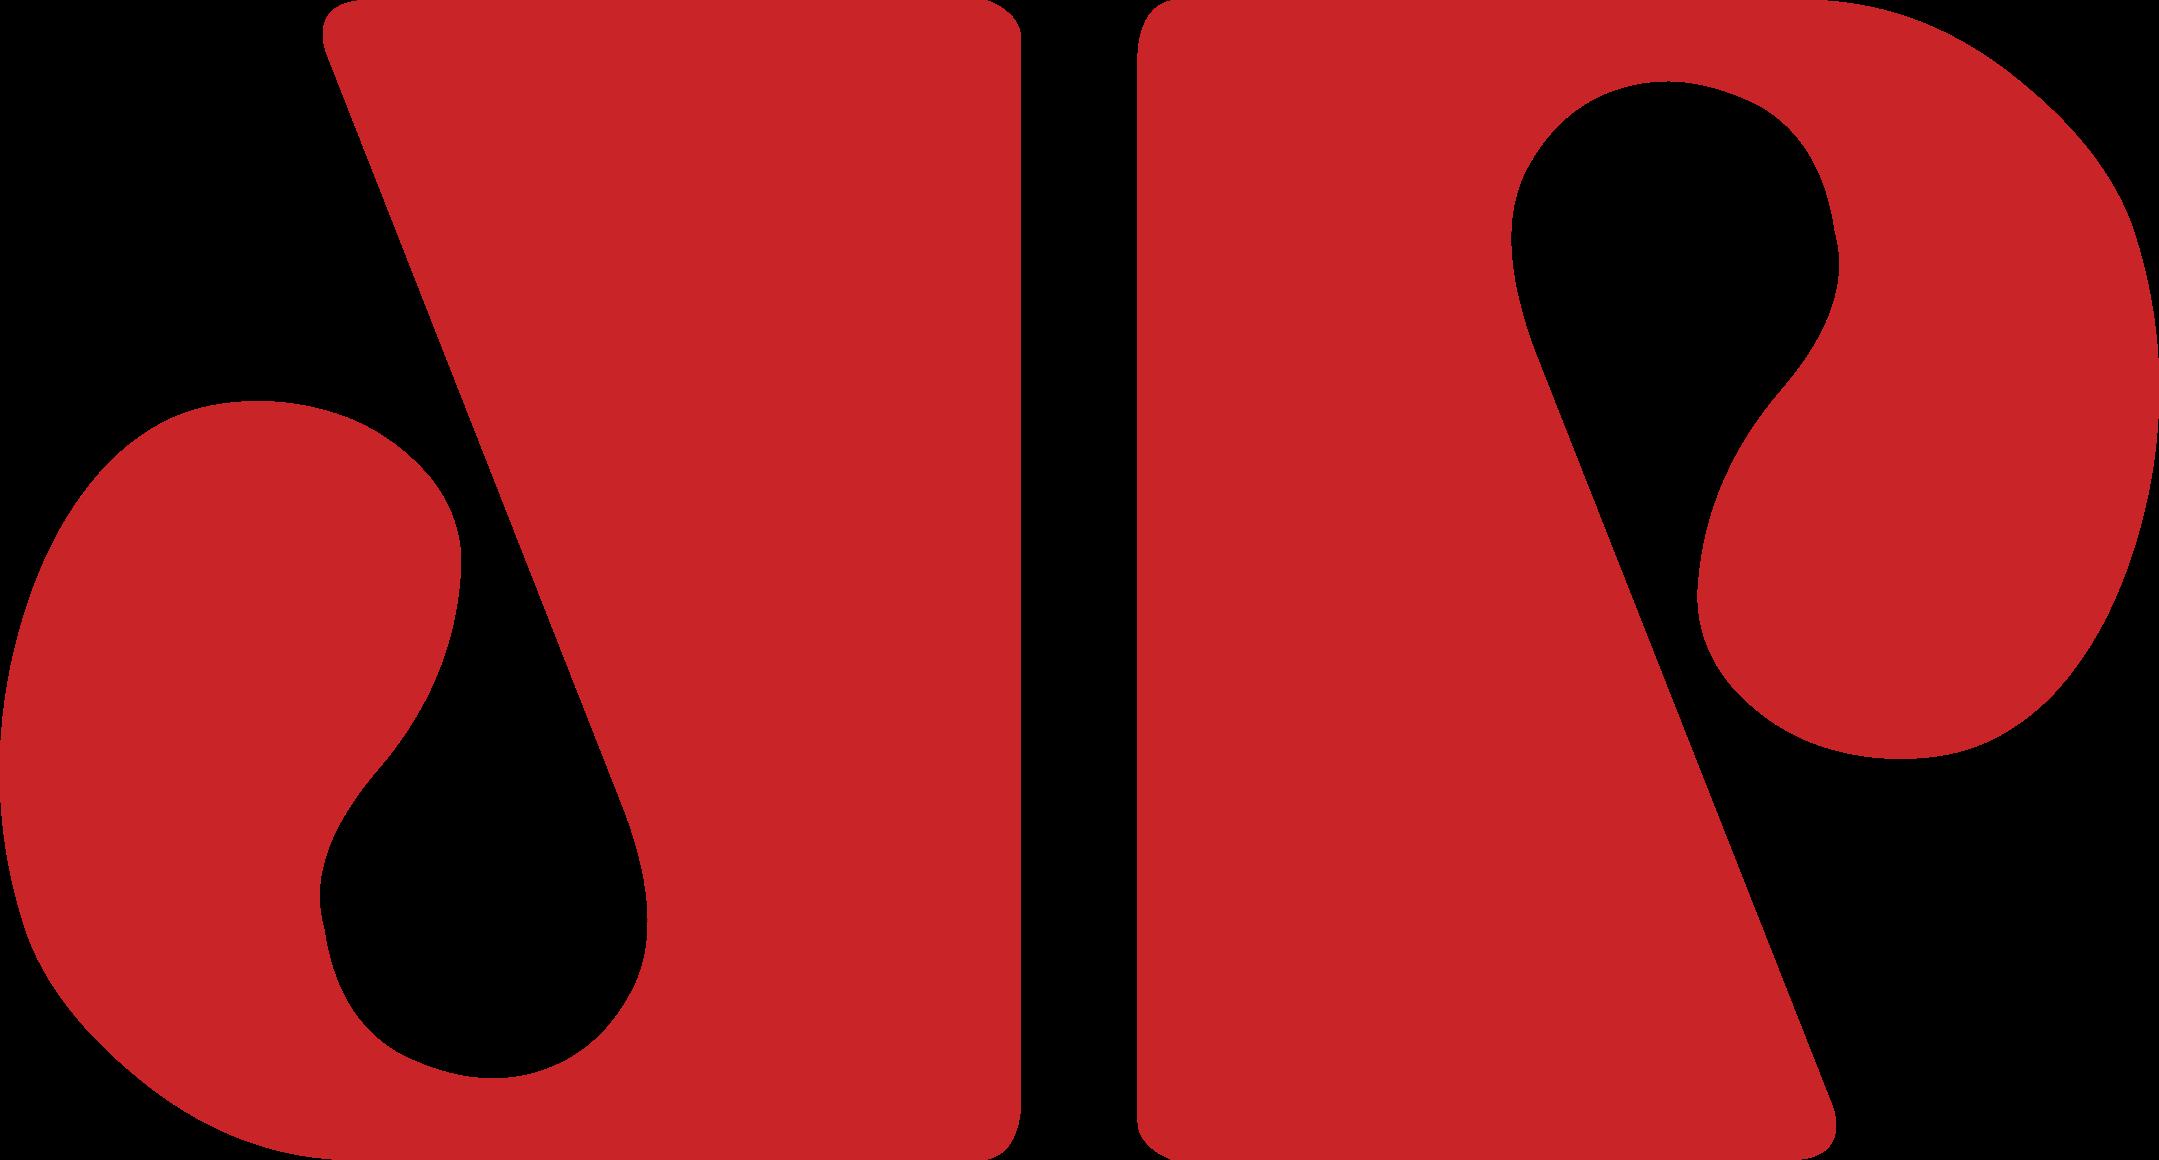 jovem pan logo 1 - Jovem Pan Logo